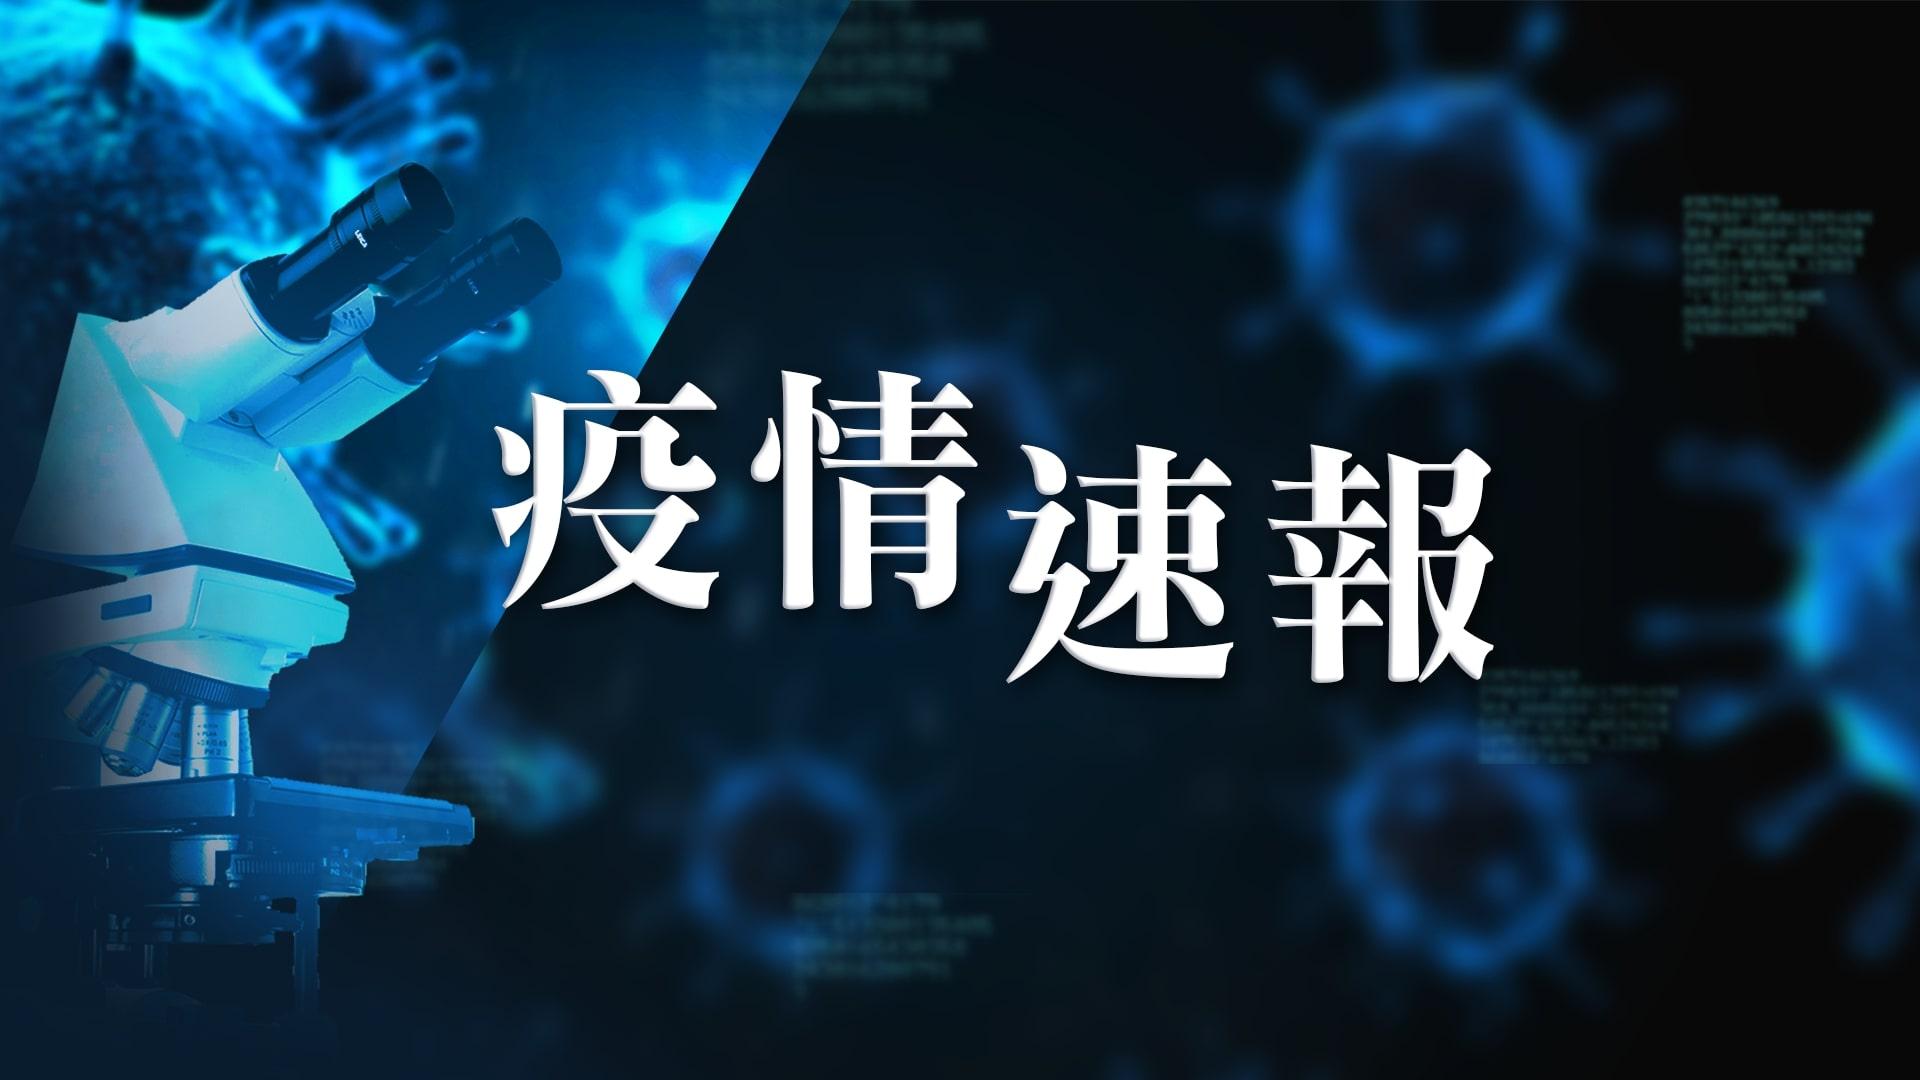 【10月9日疫情速報】(23:00)